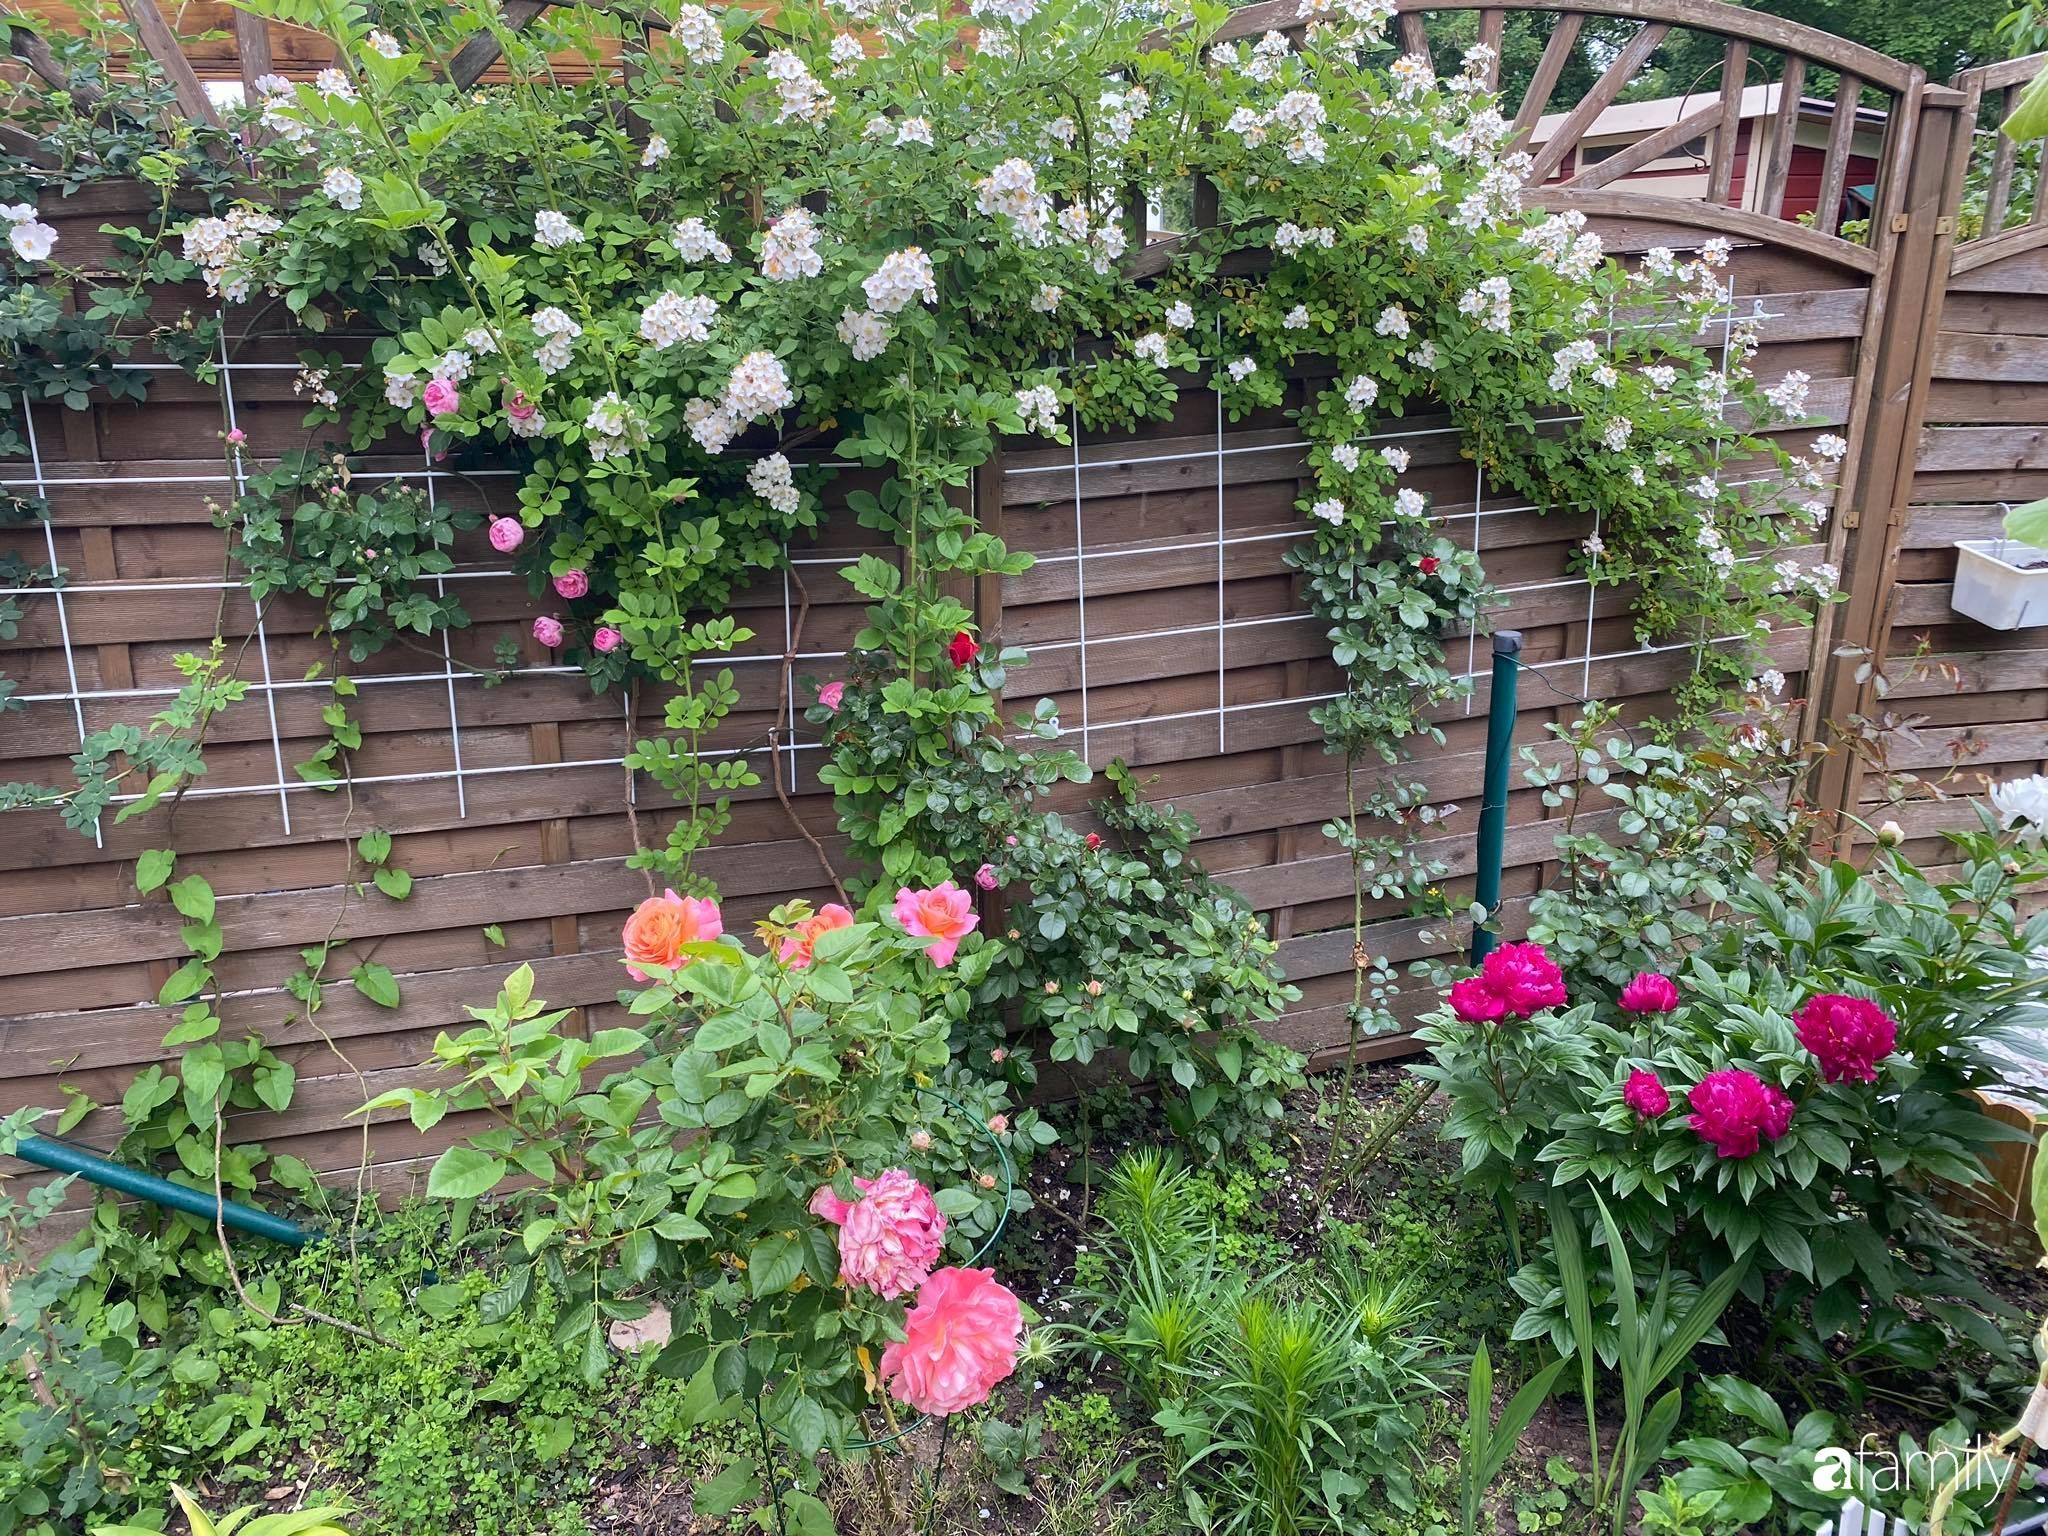 Khu vườn 300m² giữa đô thị náo nhiệt vẫn an yên, thư thái nhờ mẹ Việt trồng cây và hoa tốt tươi - Ảnh 4.